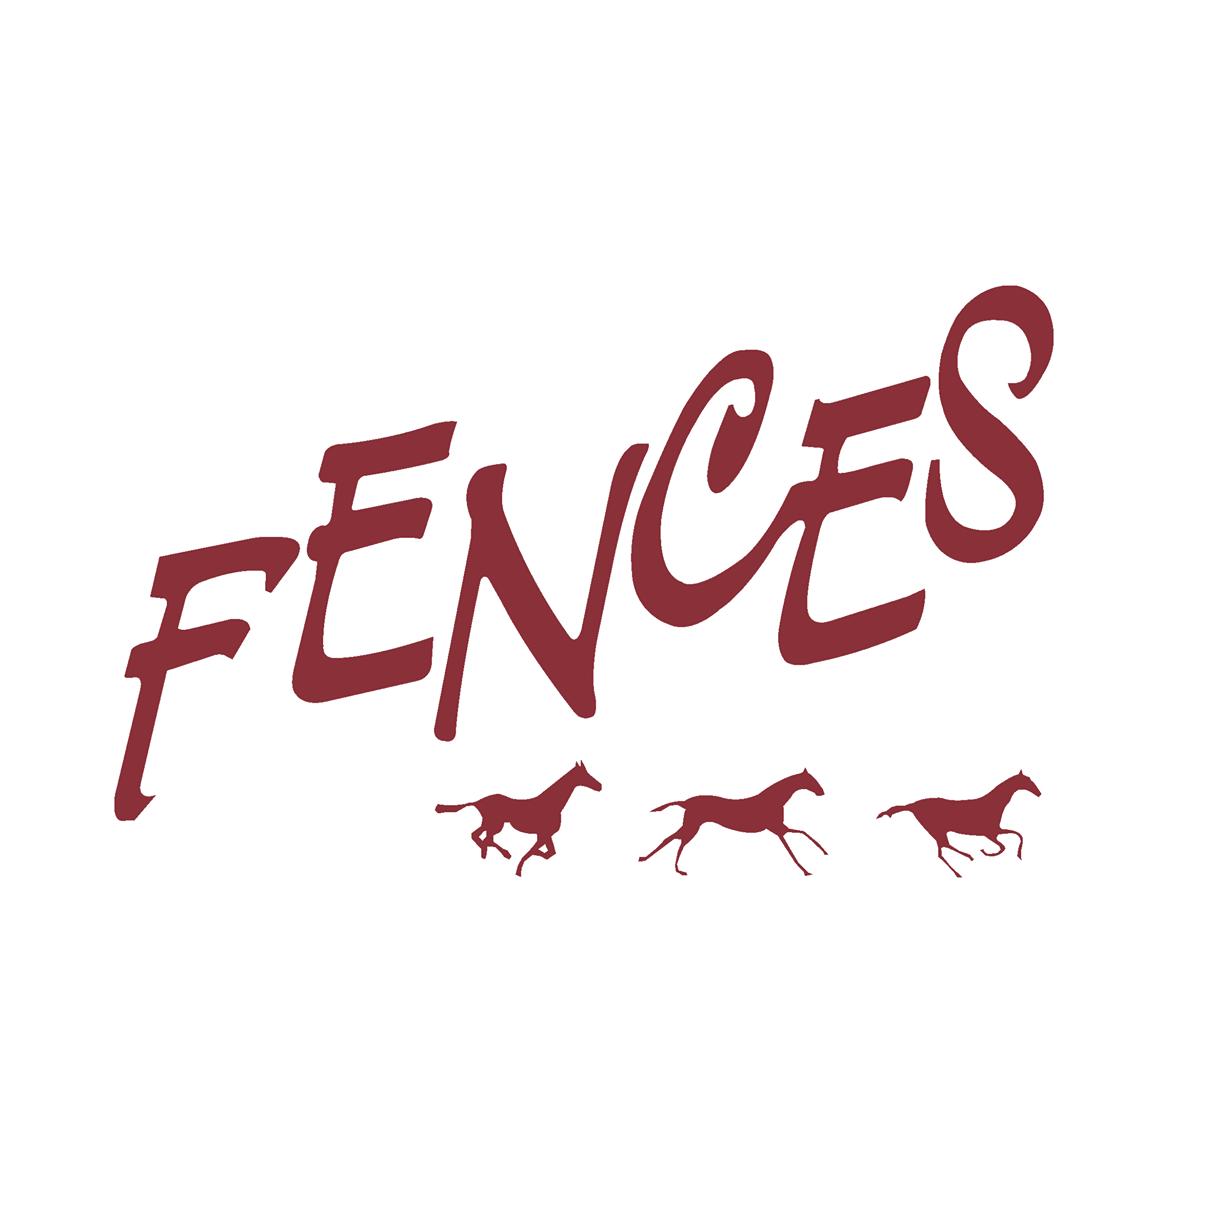 Fences.png